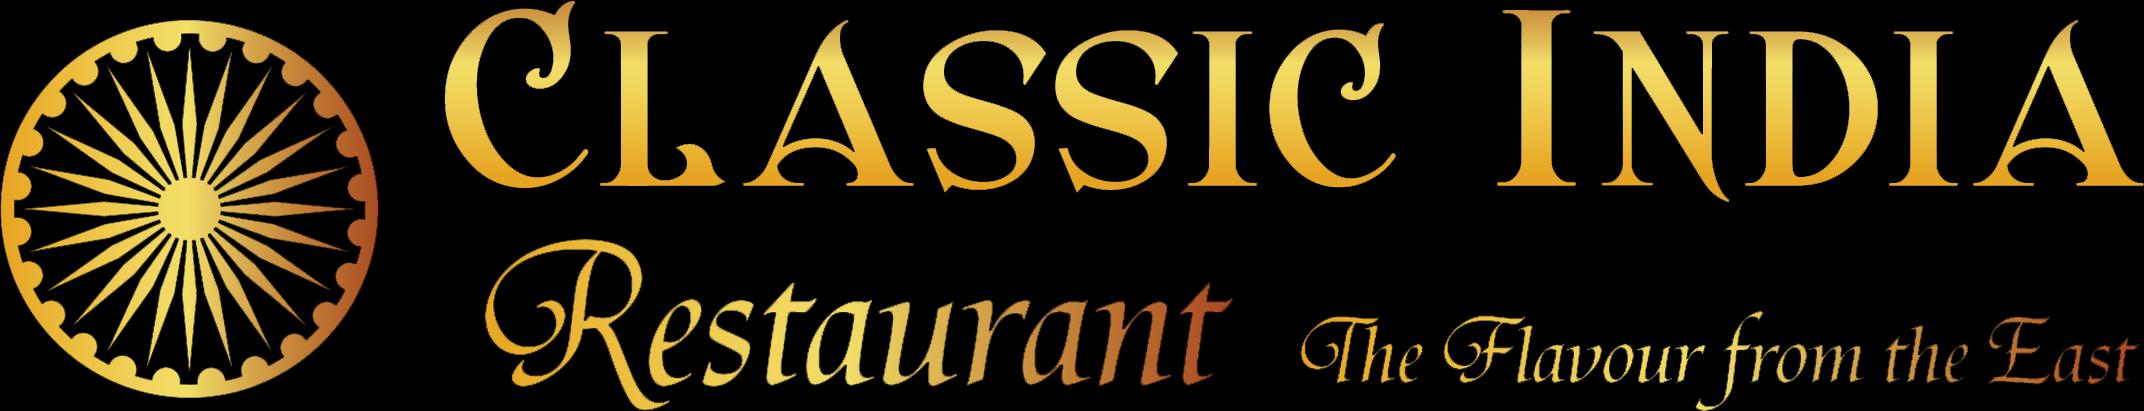 Classic India Restaurant